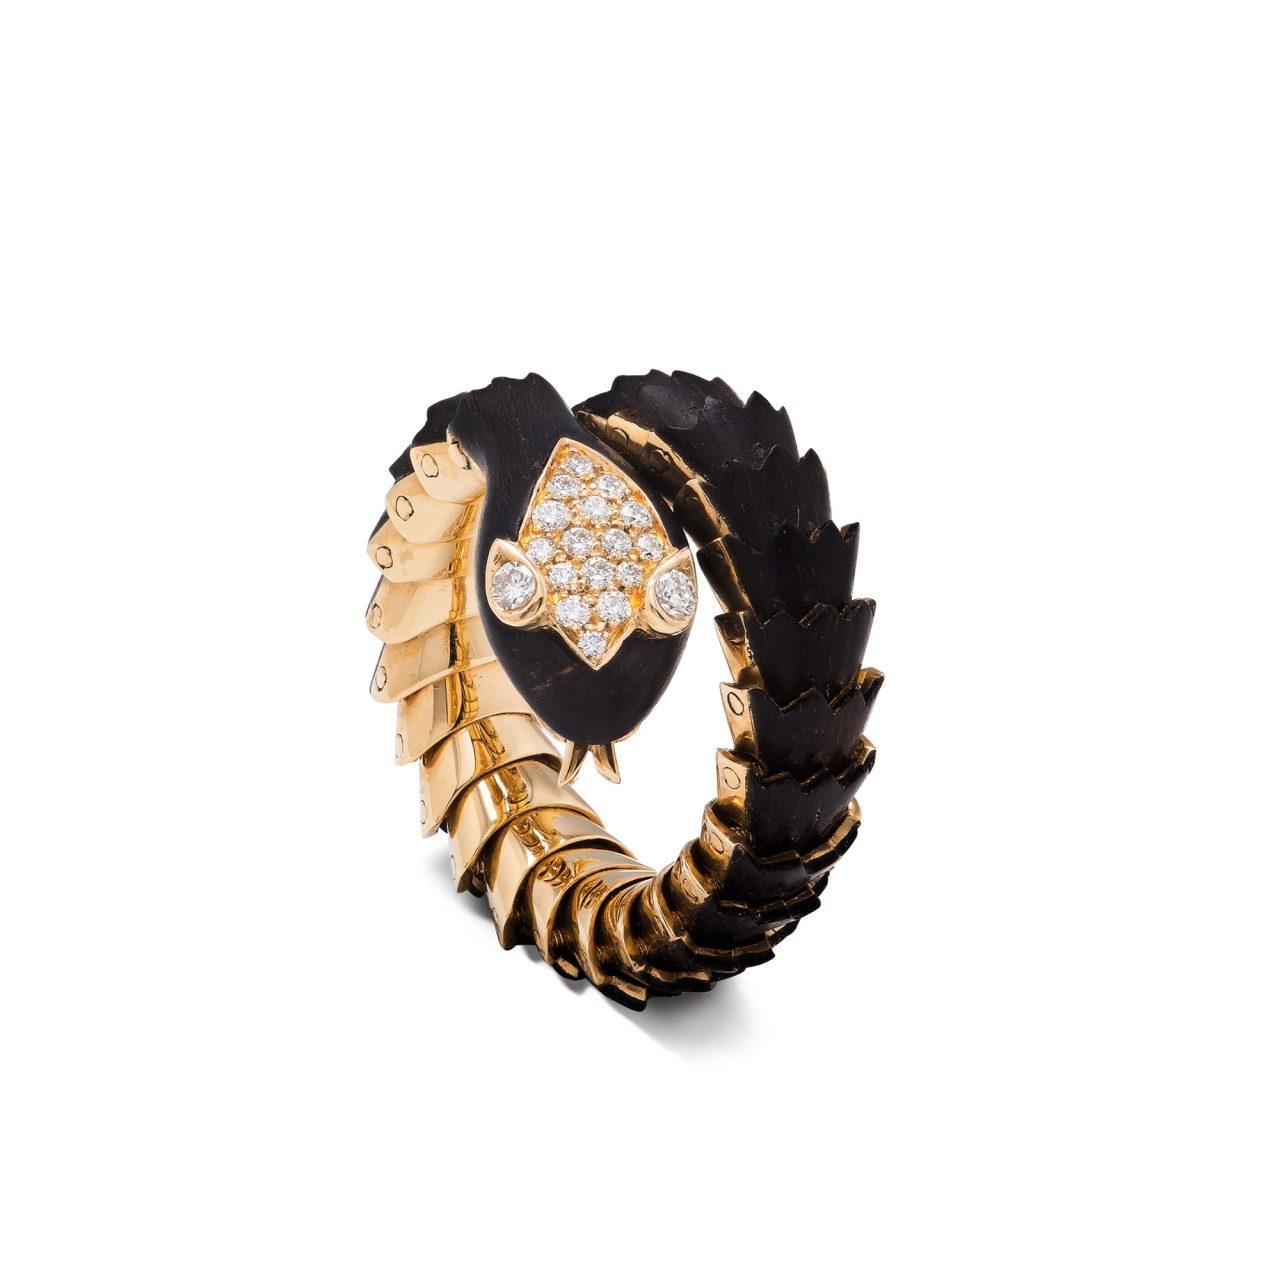 Illario Anello serpente in oro giallo 18k ebano e diamanti